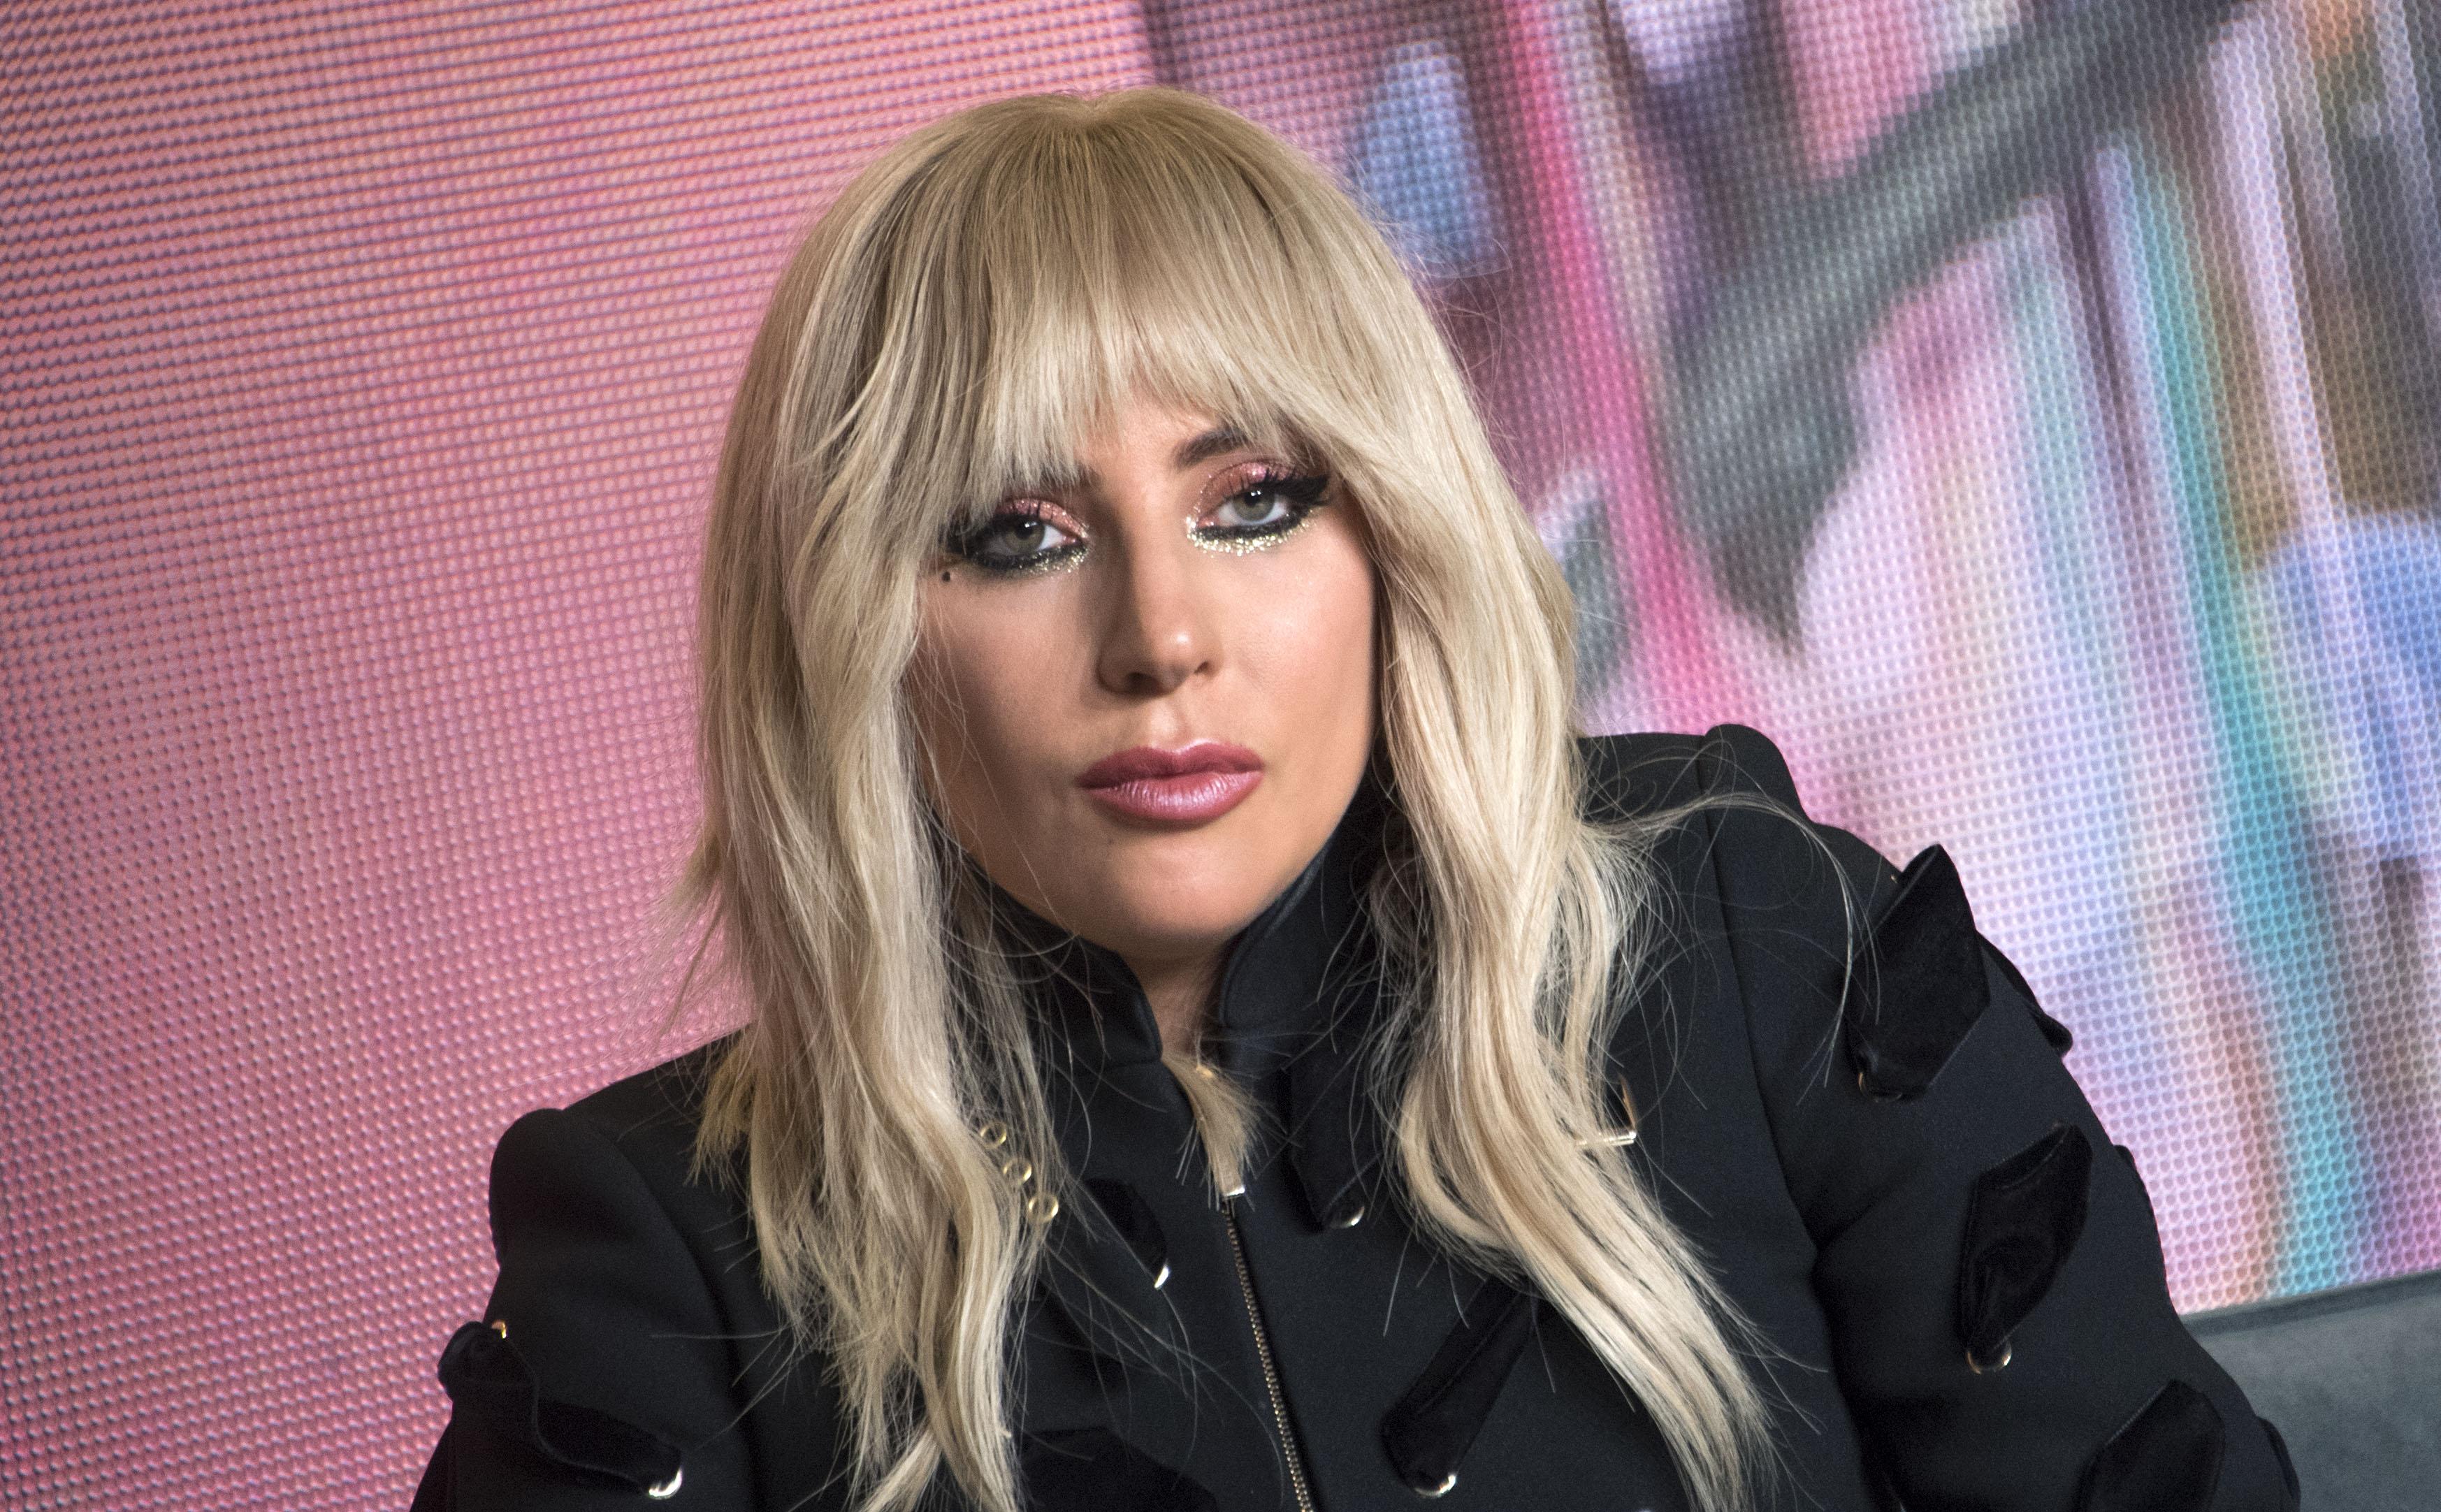 Lady Gagát teherbe is ejtette a zenei producer, aki 19 éves korában megerőszakolta